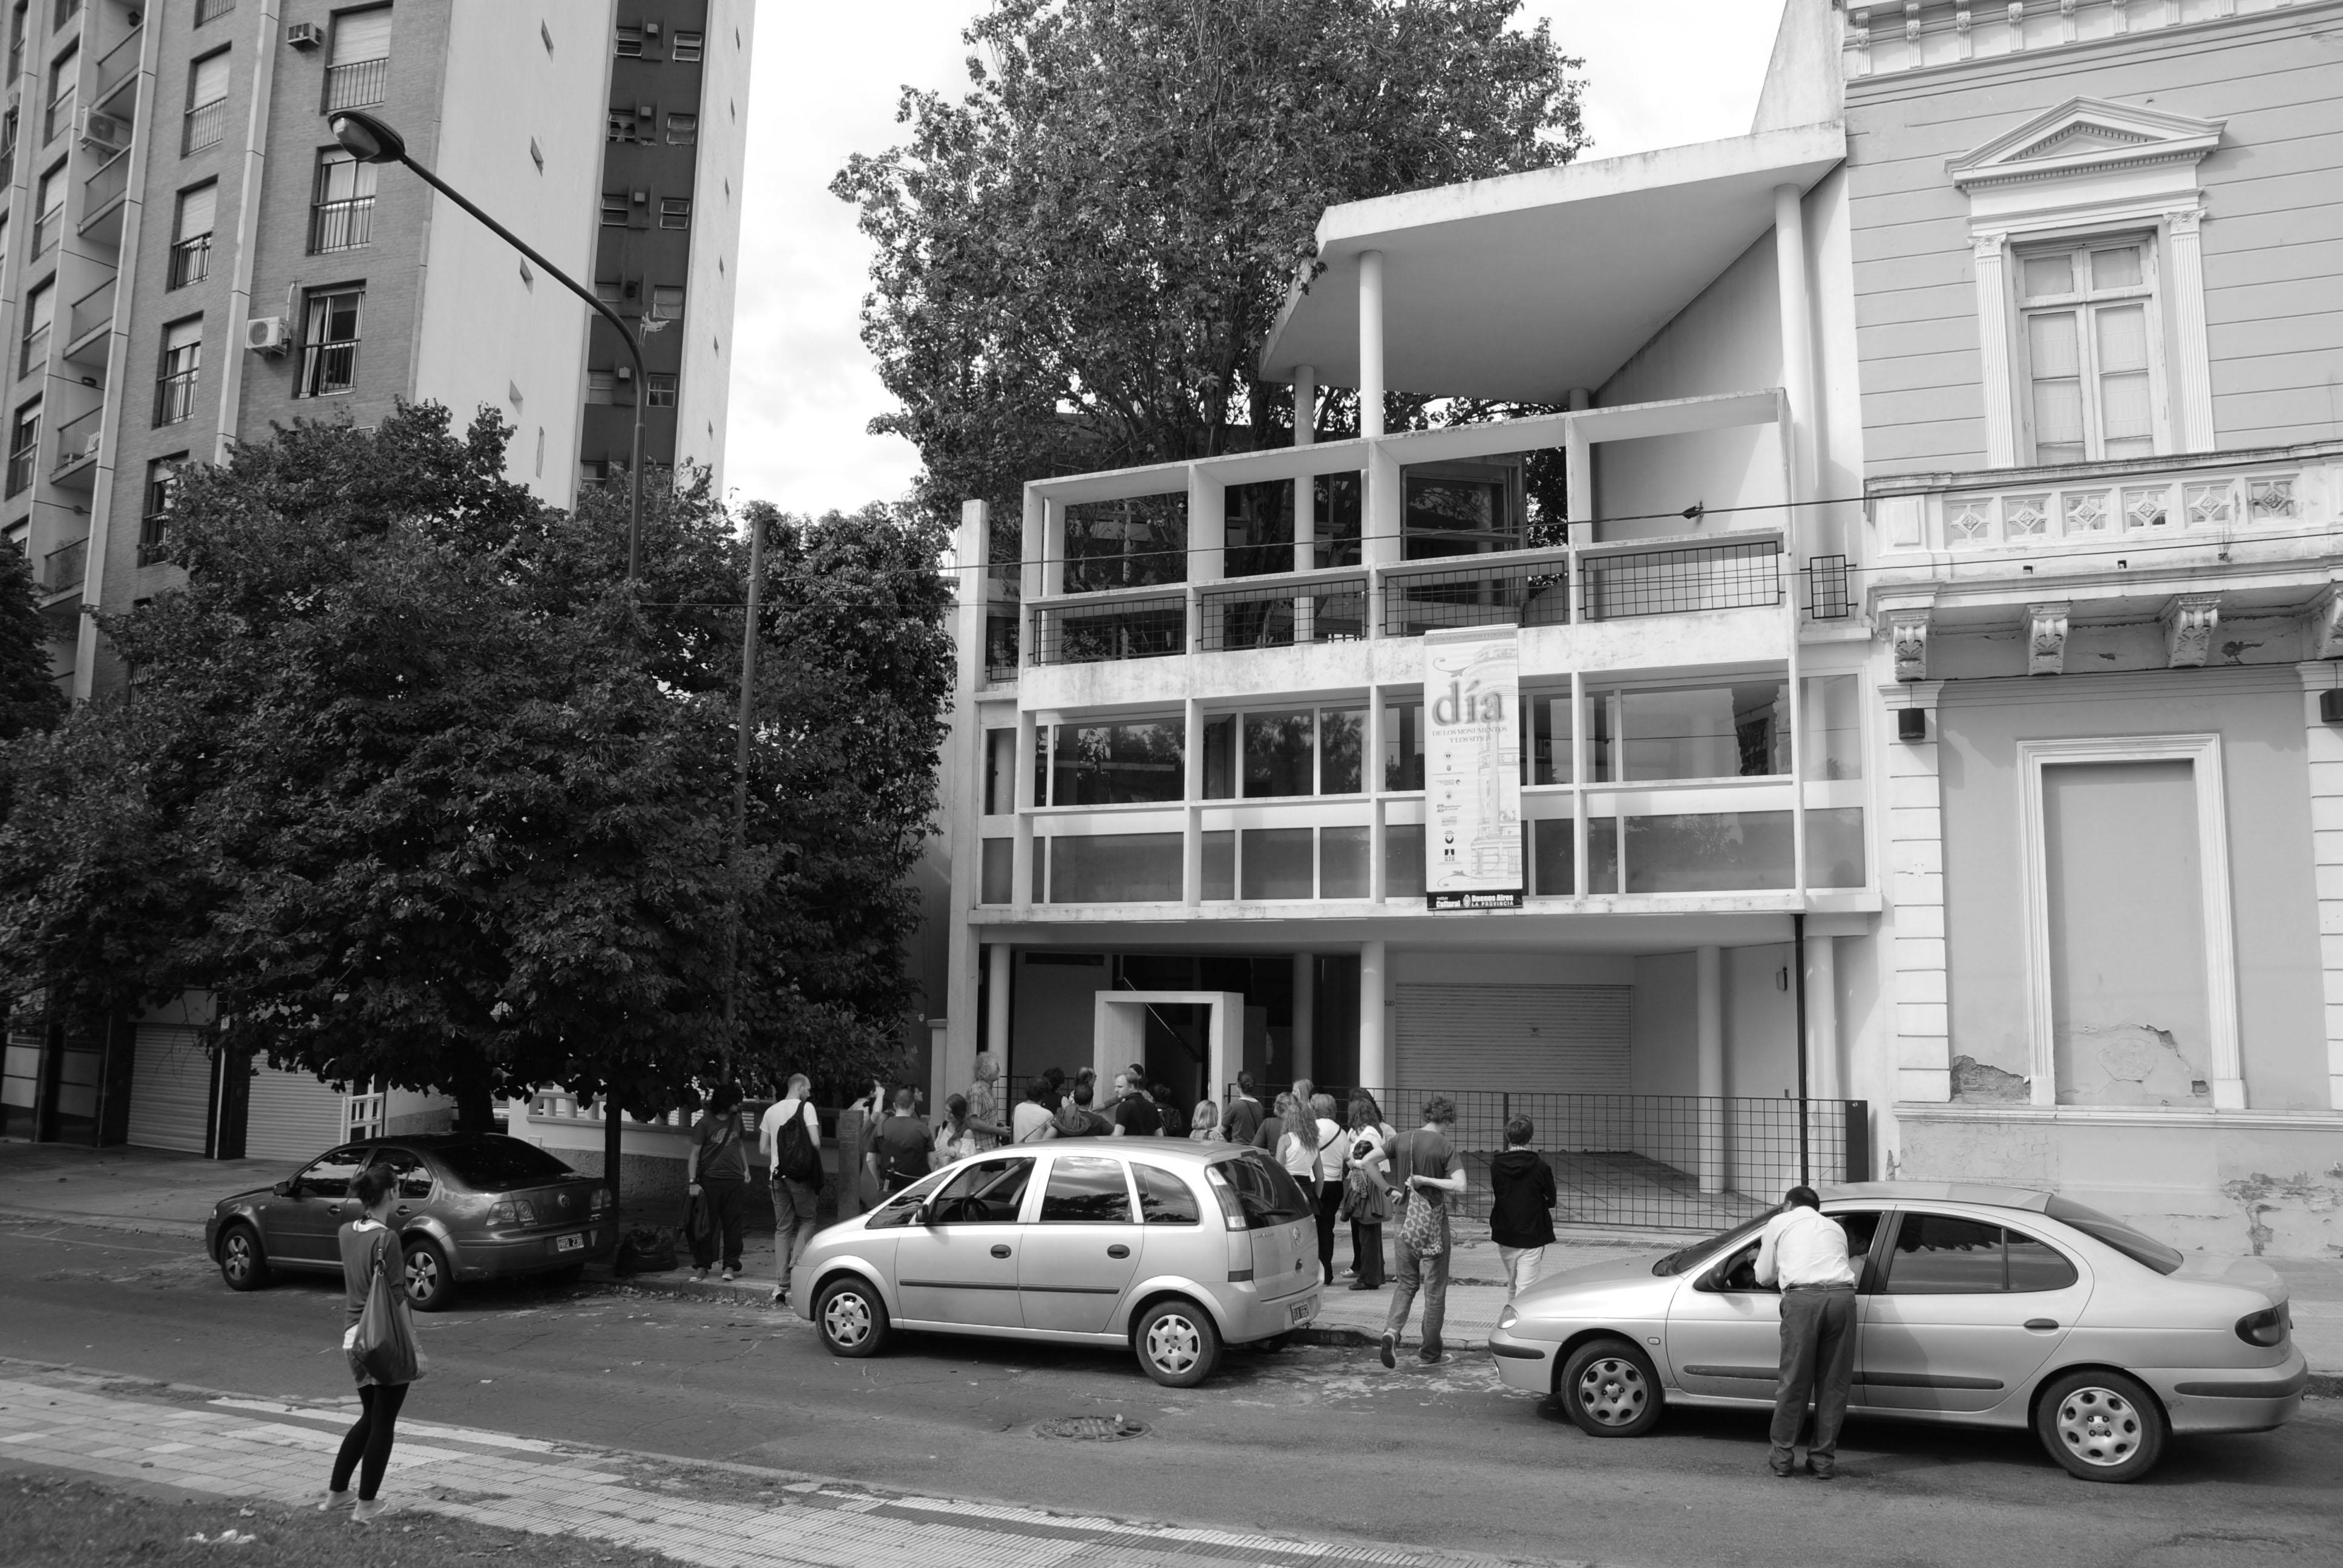 Casa curutchet le corbusier in 1953 flickr photo - Casas de le corbusier ...